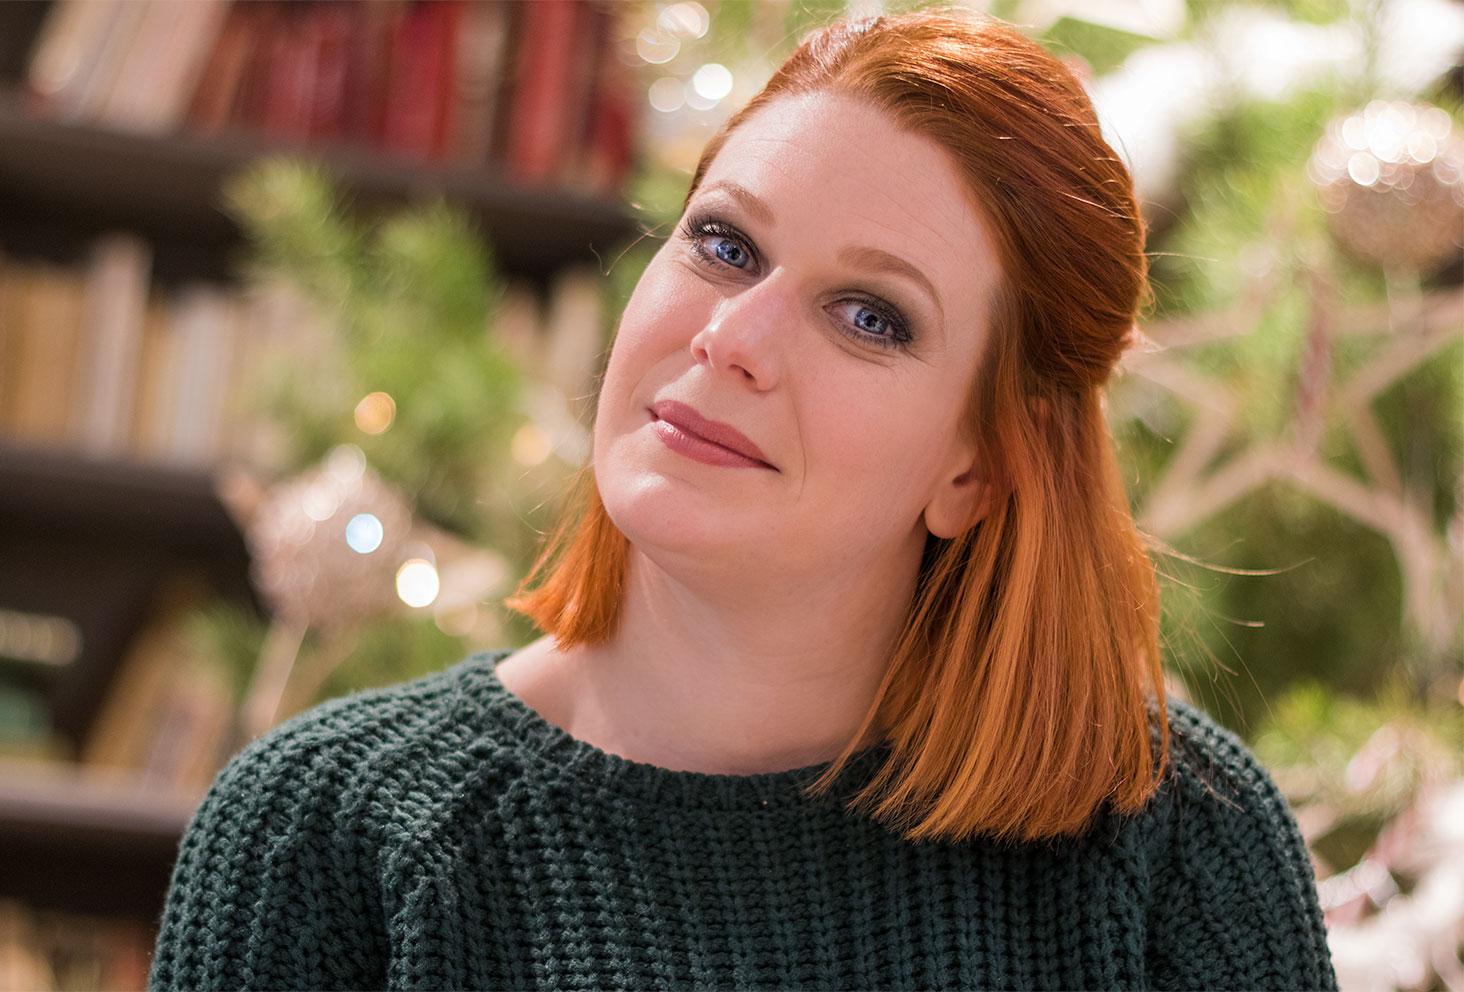 Résultat d'un make-up avec la palette Subculture Anastasia Beverly Hills